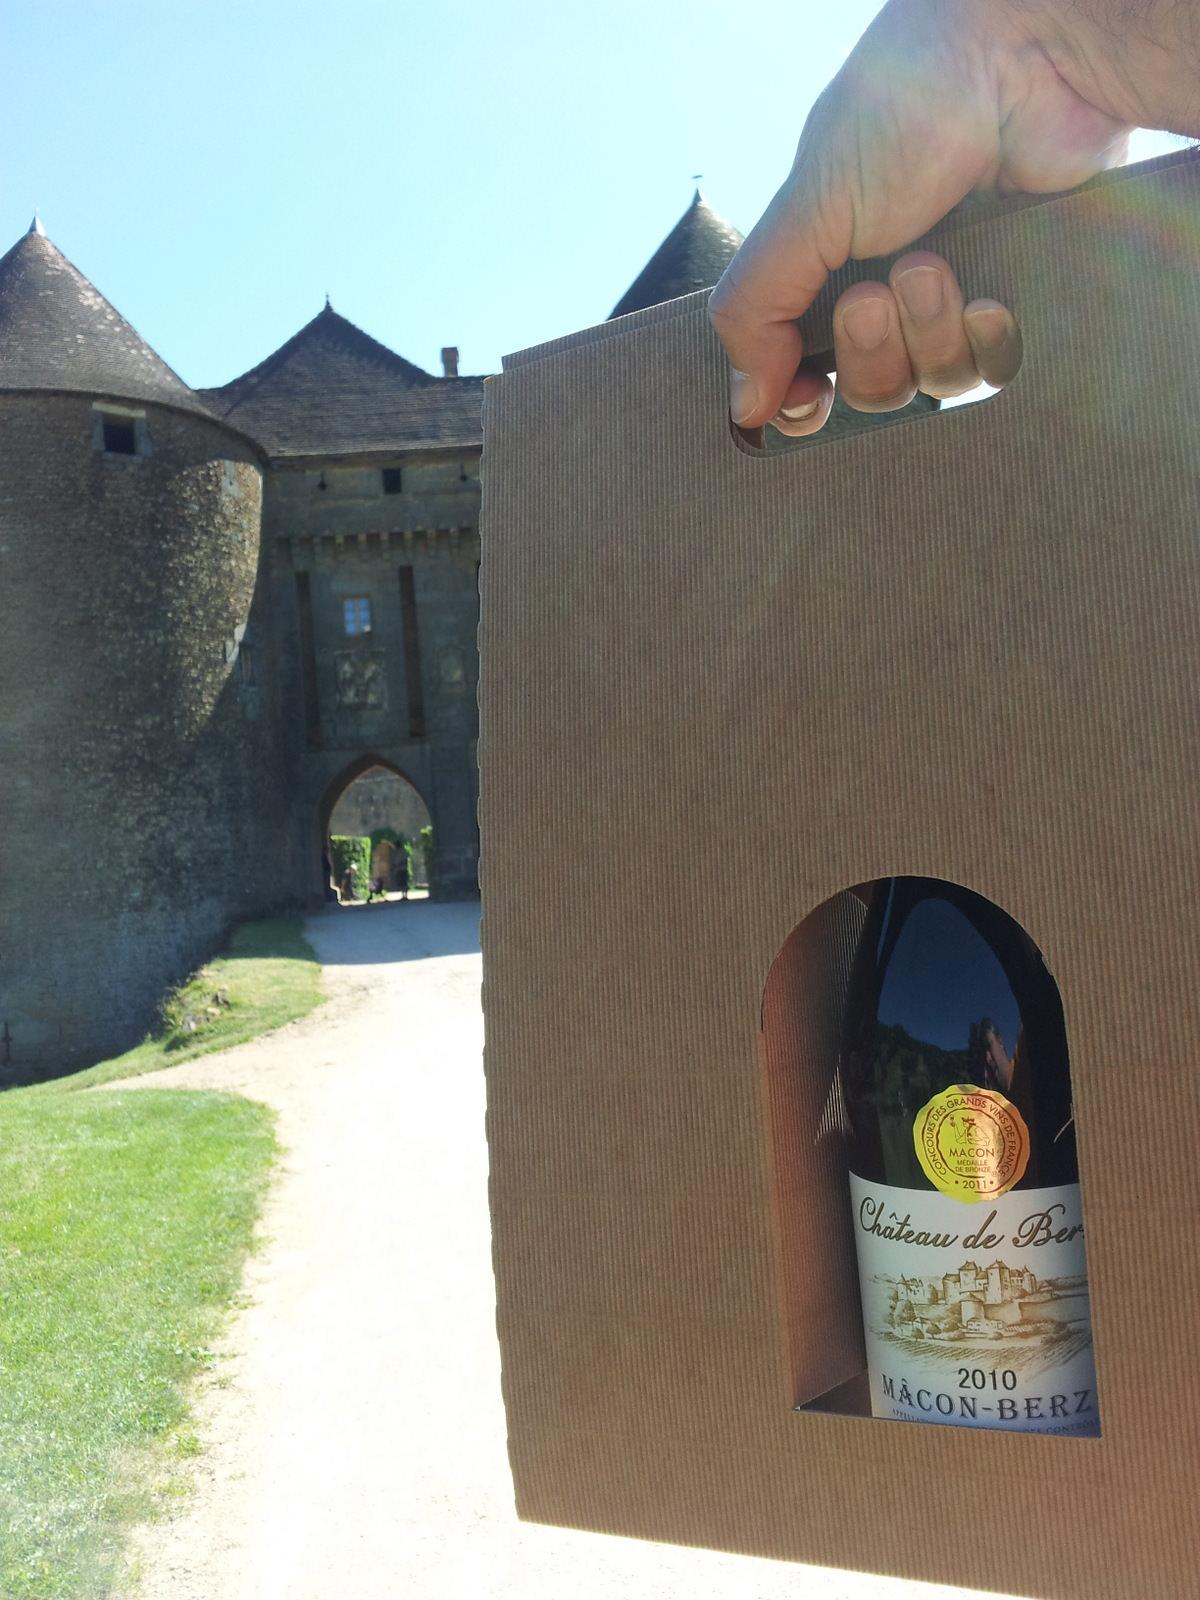 Wein von der Burg Berzé le Châtel